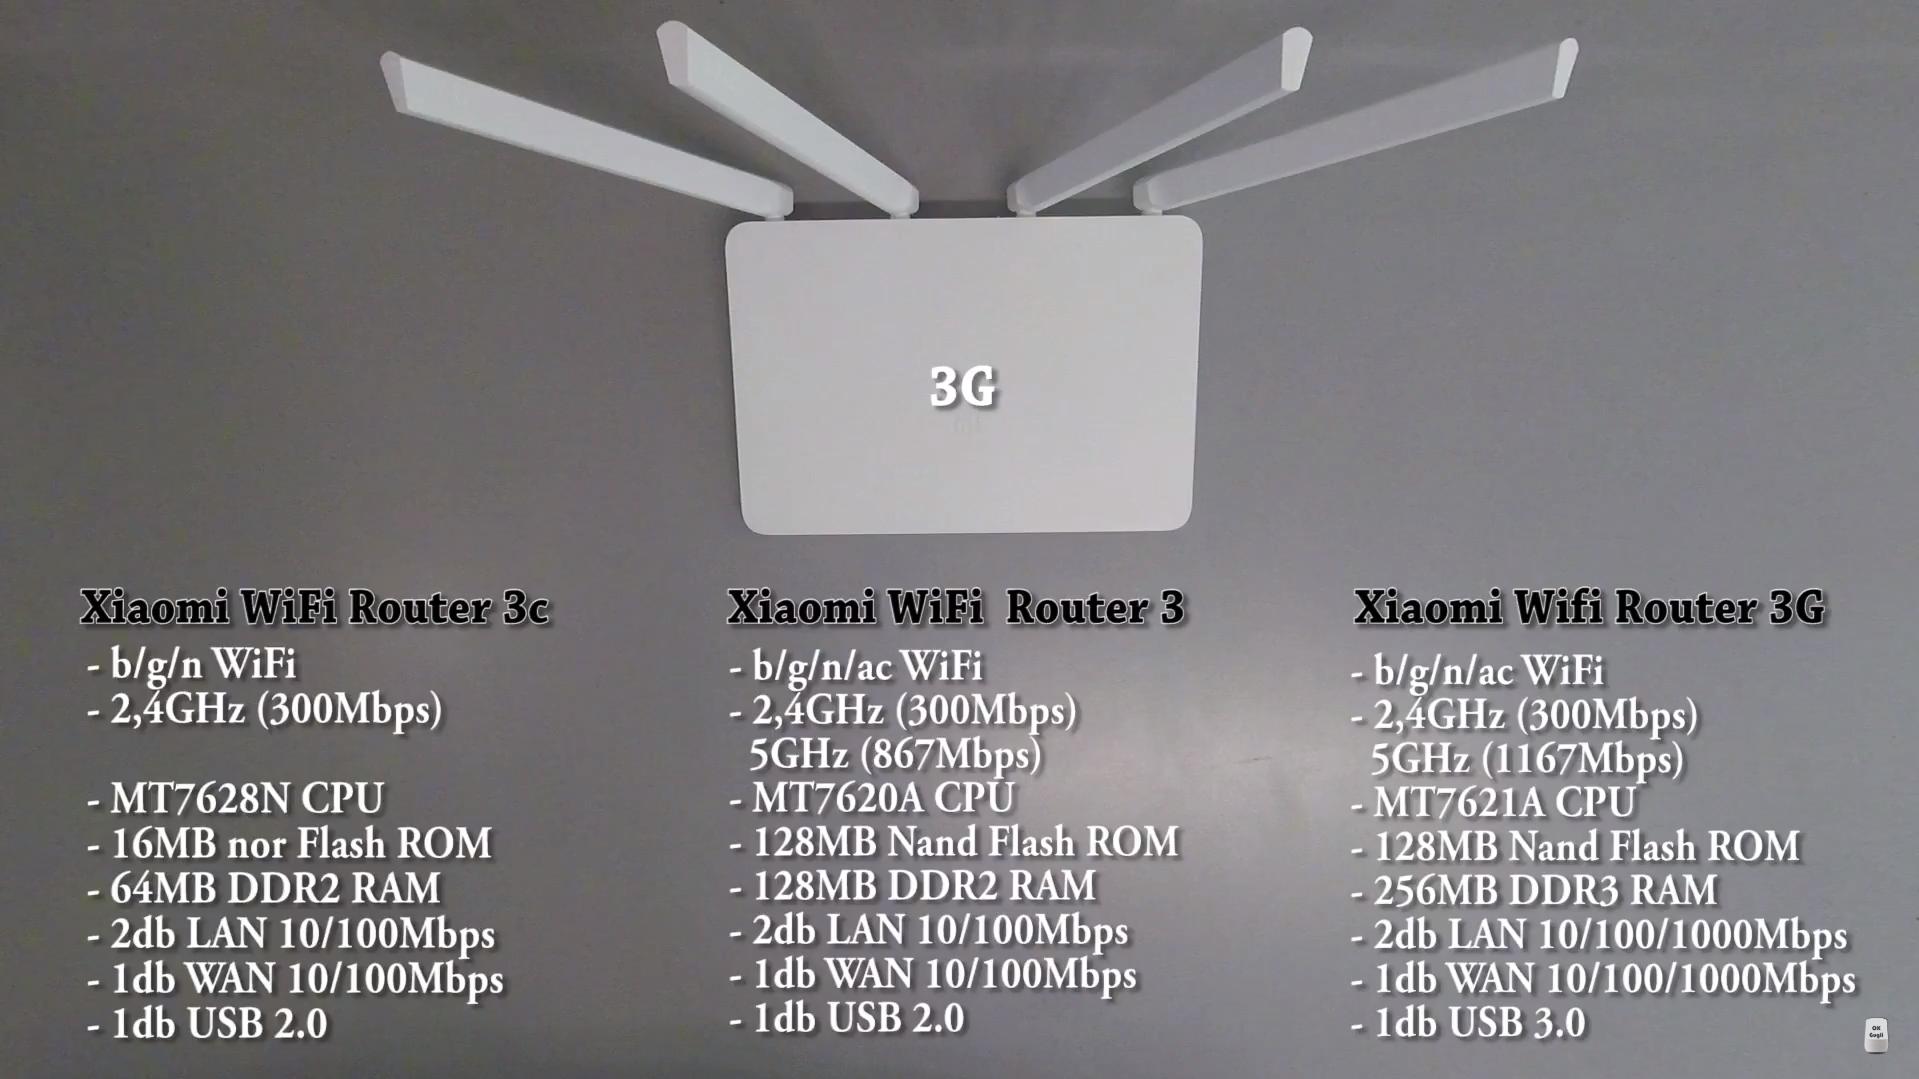 xiaomi wifi router 3 vs 3c vs 3g